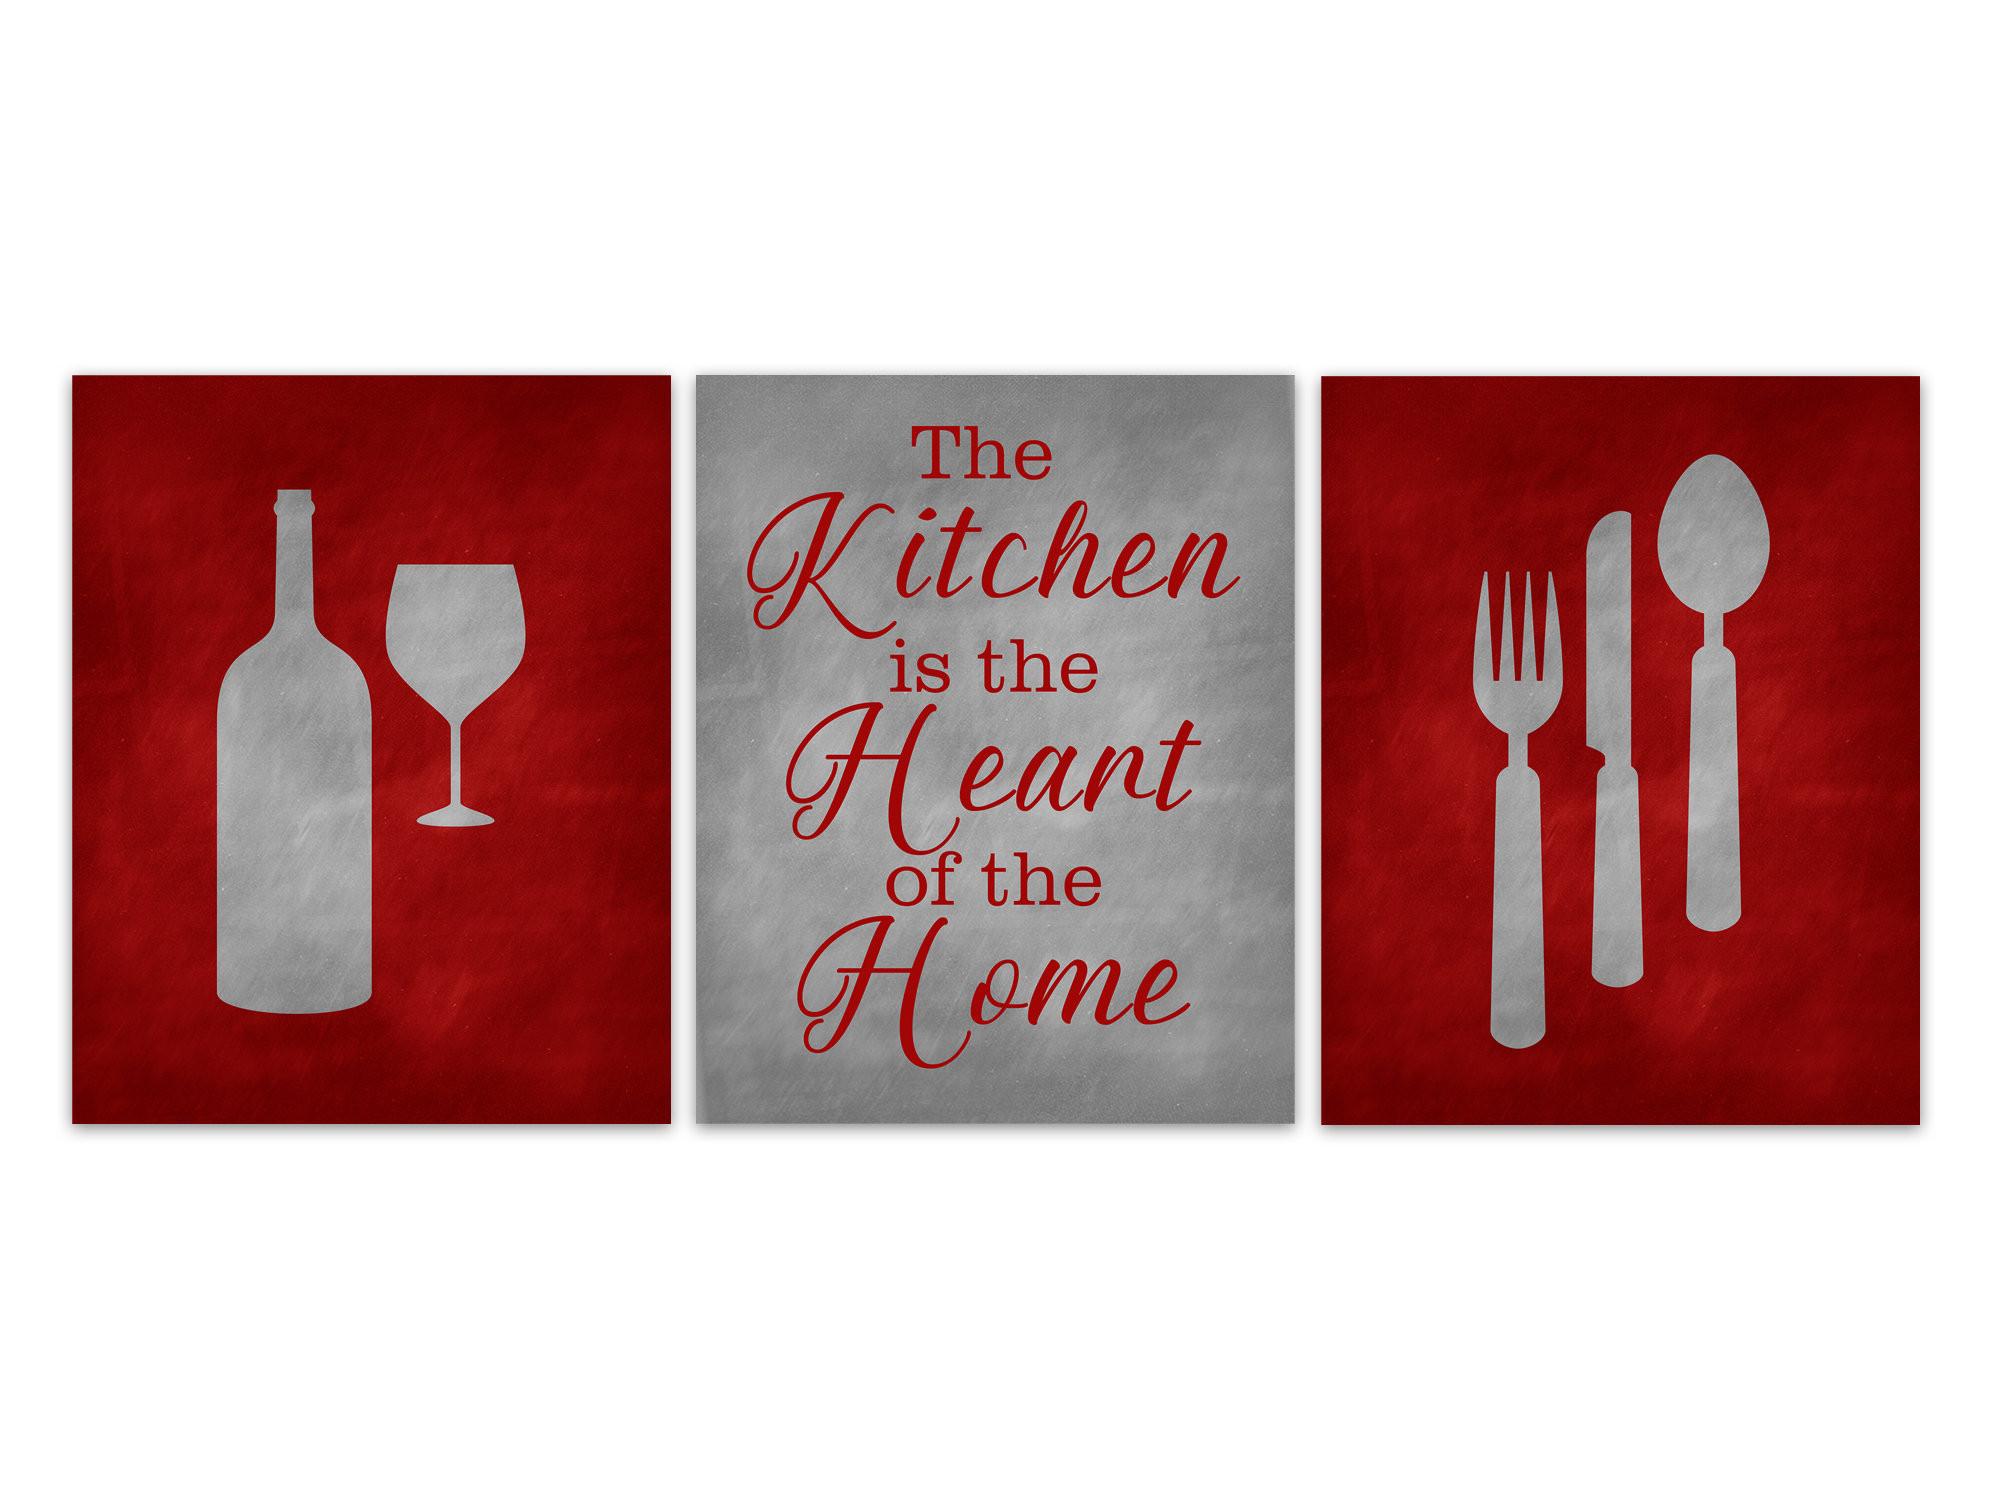 7 أفكار لتنسيق ديكور مطبخ بسيط وغير مكلف سوبر ماما